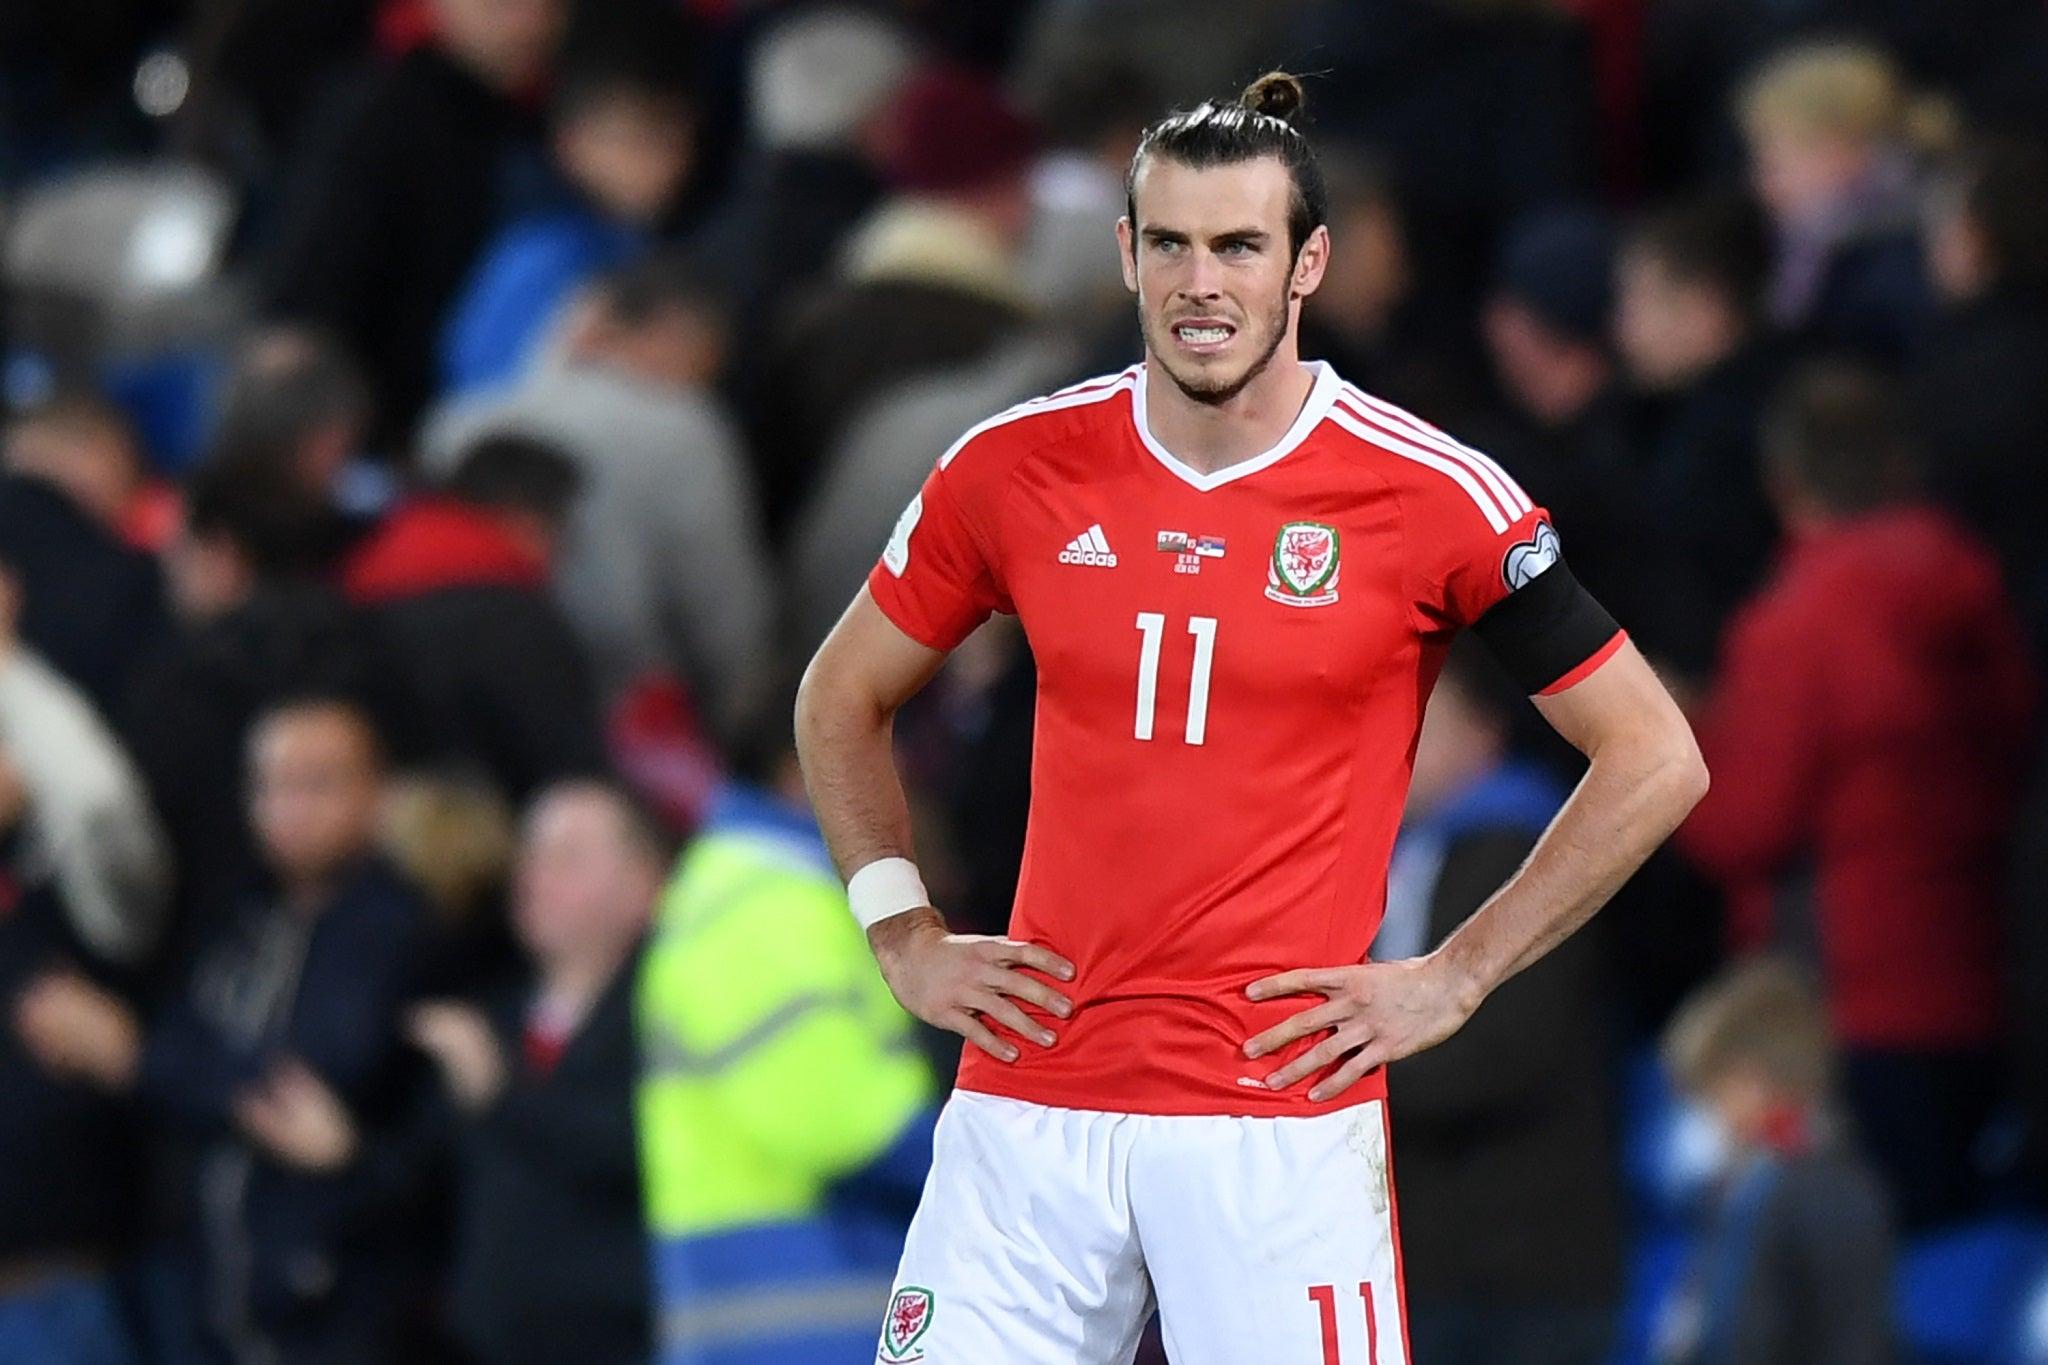 Image result for Gareth Bale national team